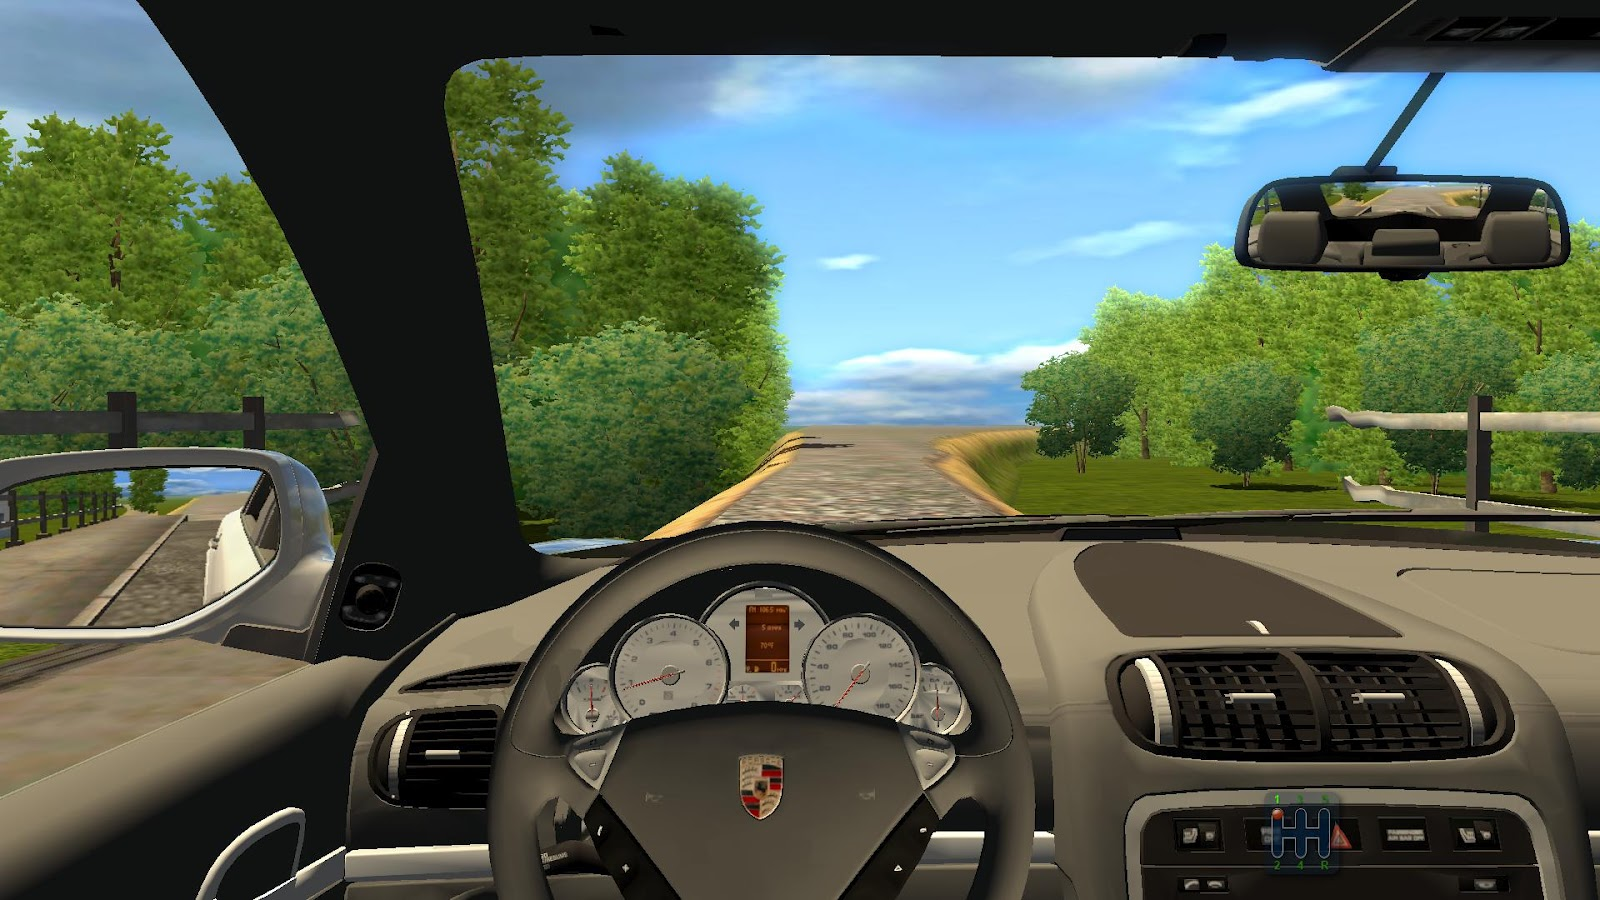 Driving simulator